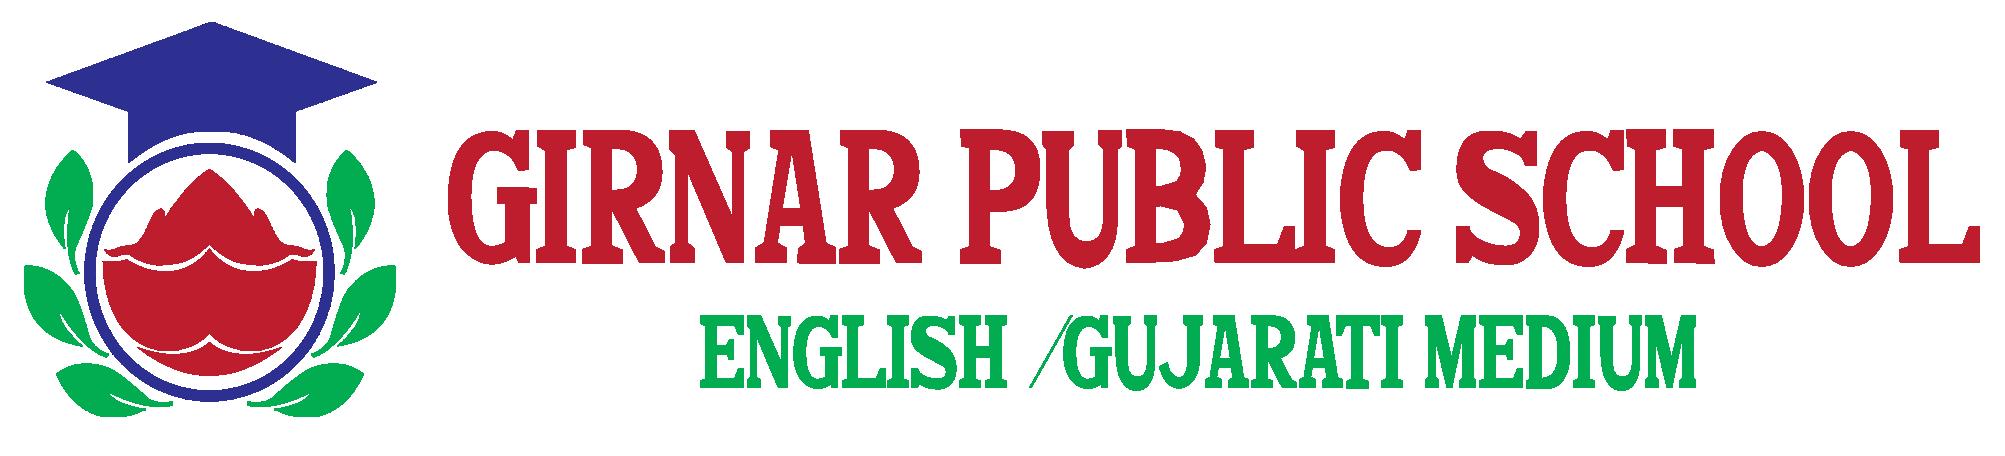 Girnar Public School